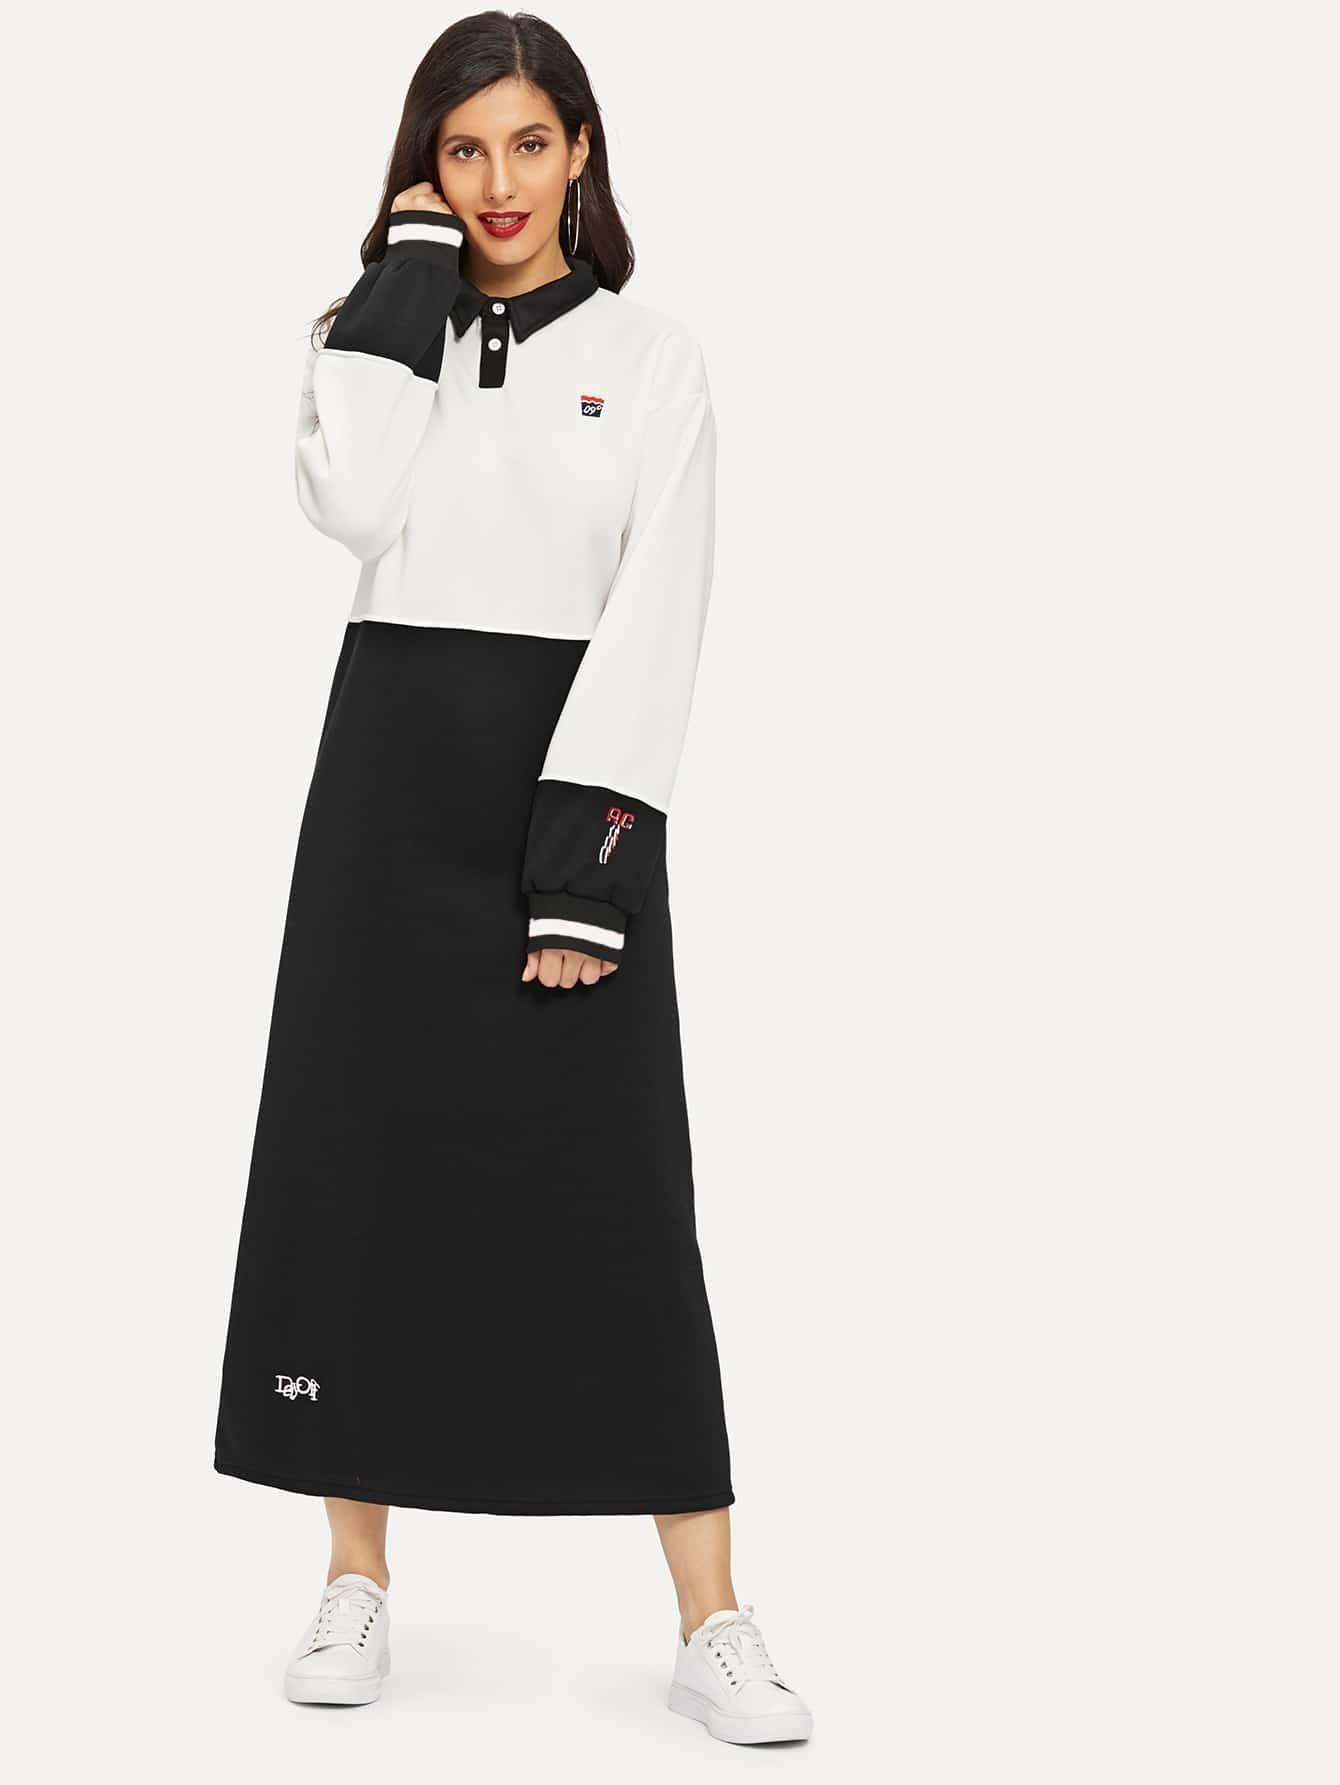 Купить Платье-свитшот с пуговицей и вышитым текстовым принтом, Jeane, SheIn